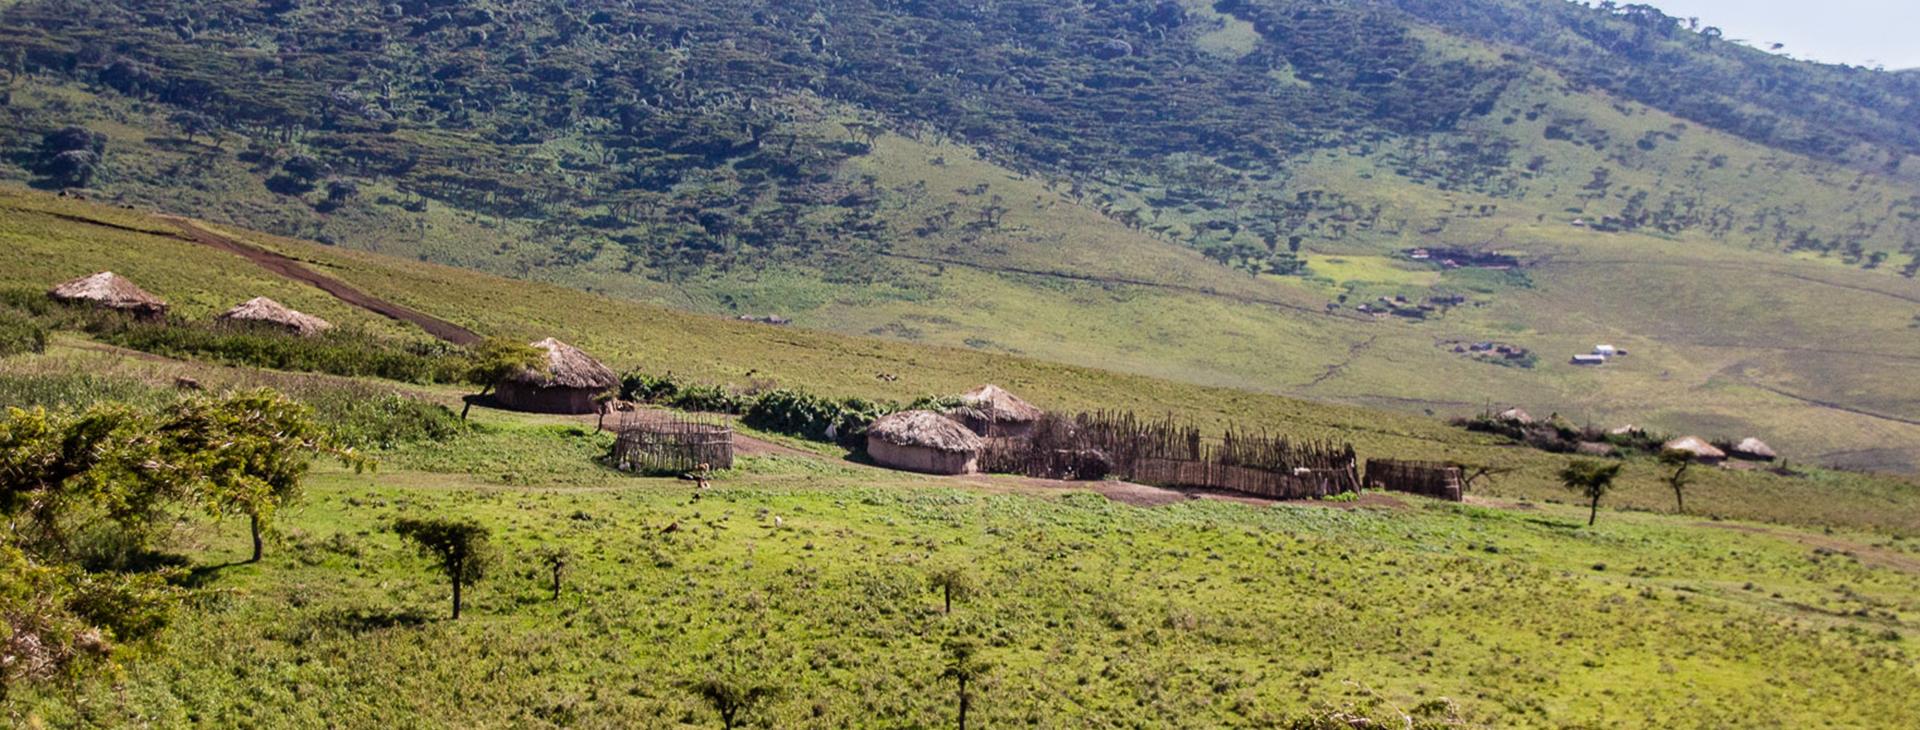 Tanzania Maasai Culture Tour